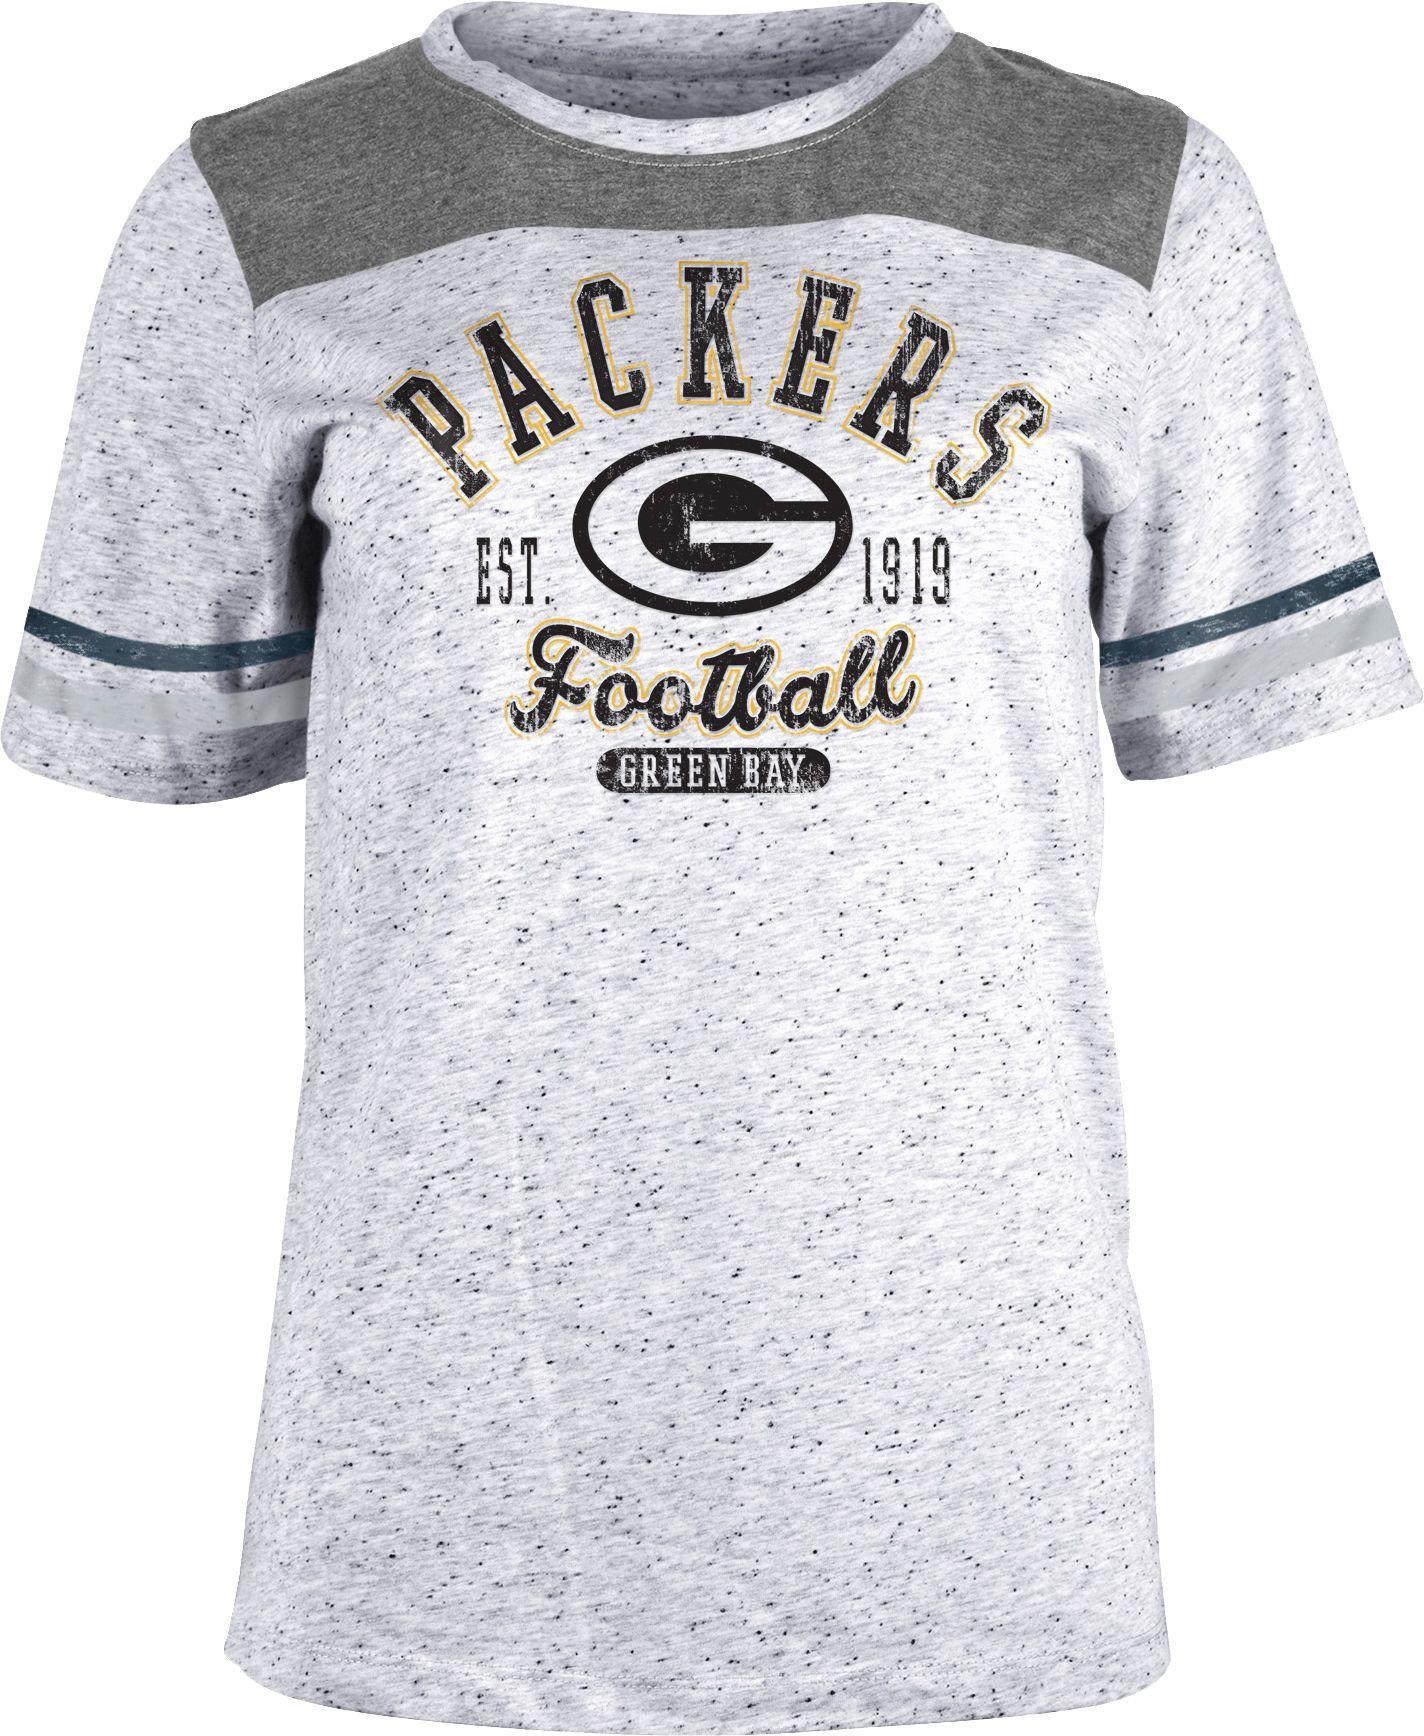 Green Bay Packers Peppercorn T-Shirt